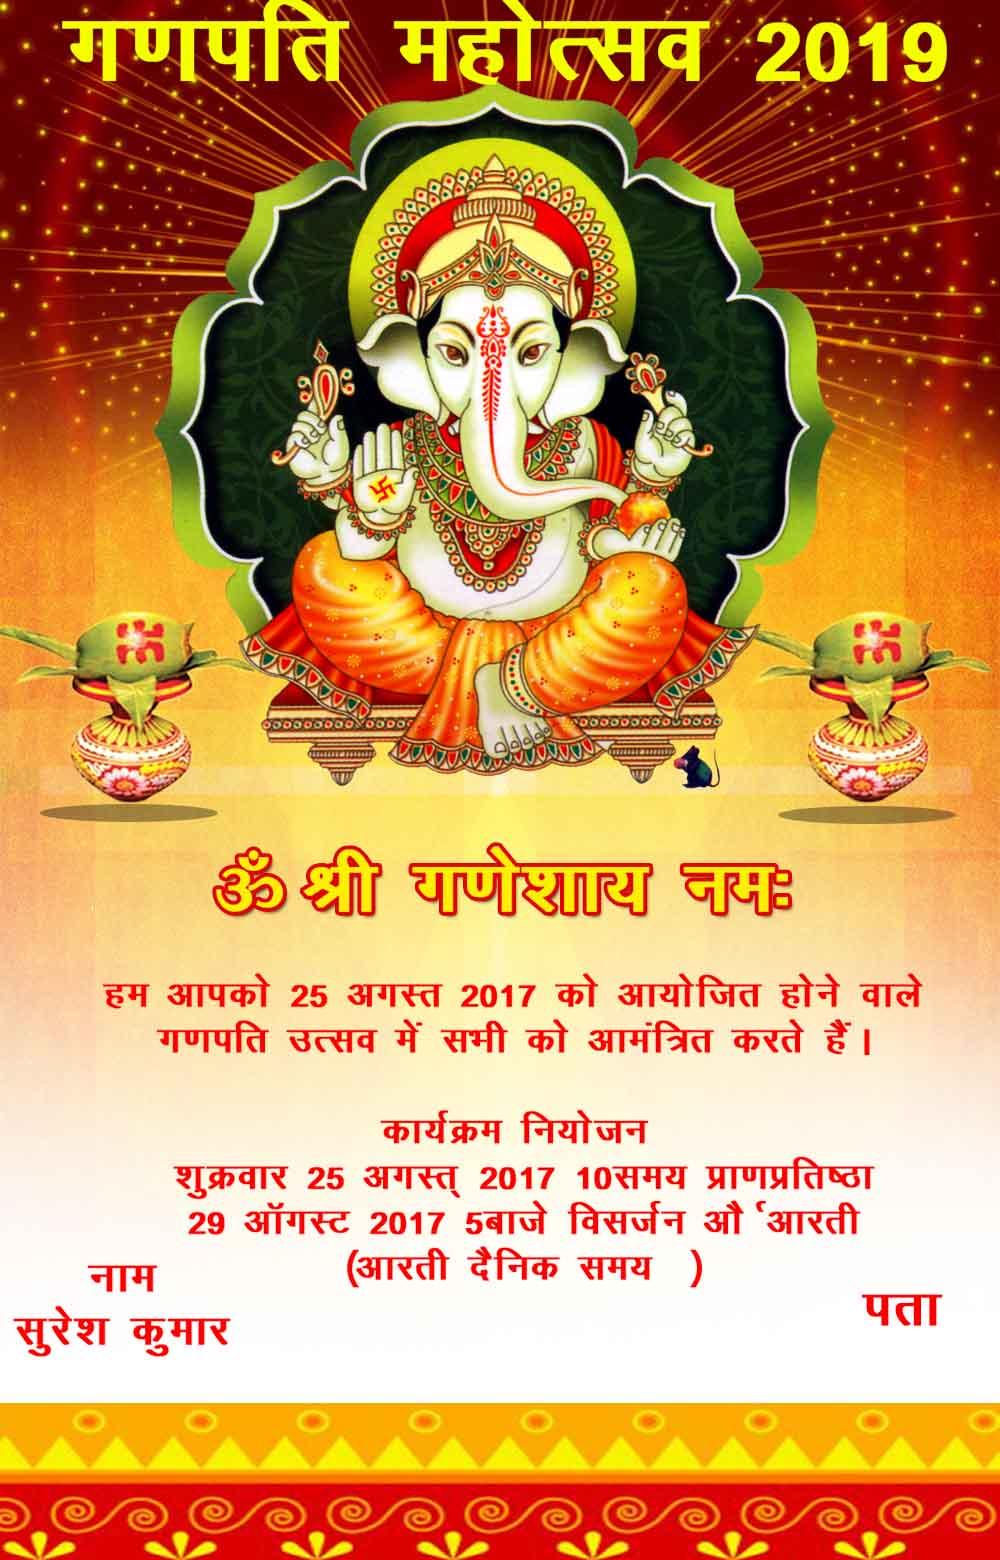 Ganpati Mahotsav Invitaiion Card In Hindi Picture Density